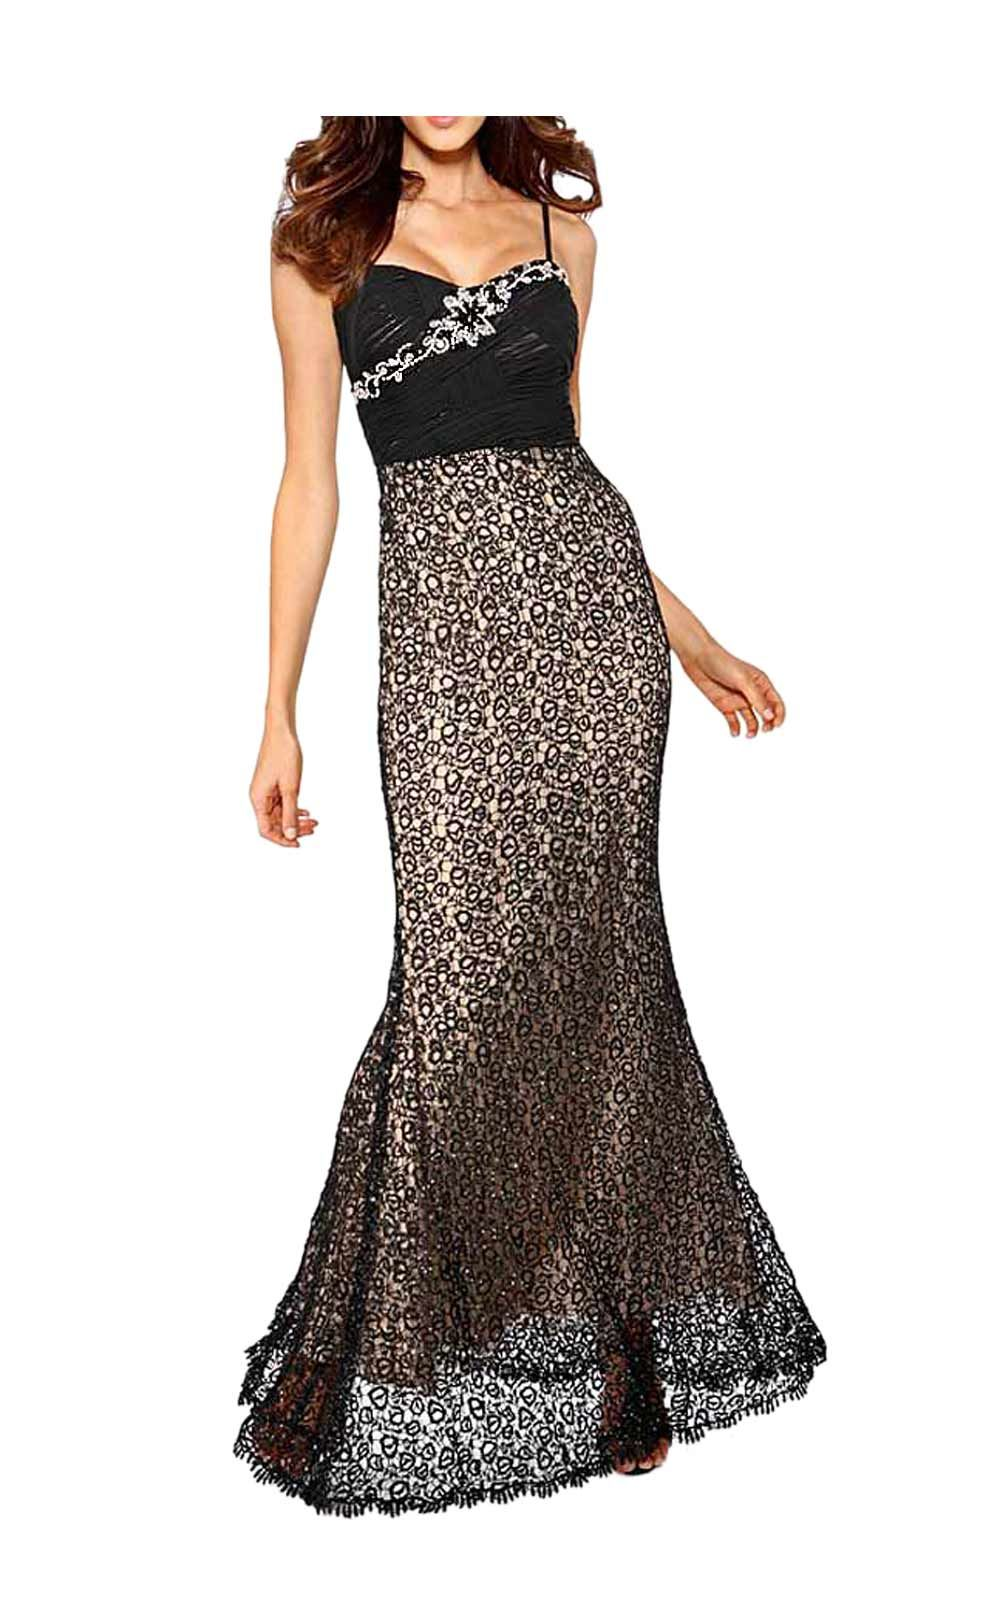 Designer Gown with Strass | BonaBona